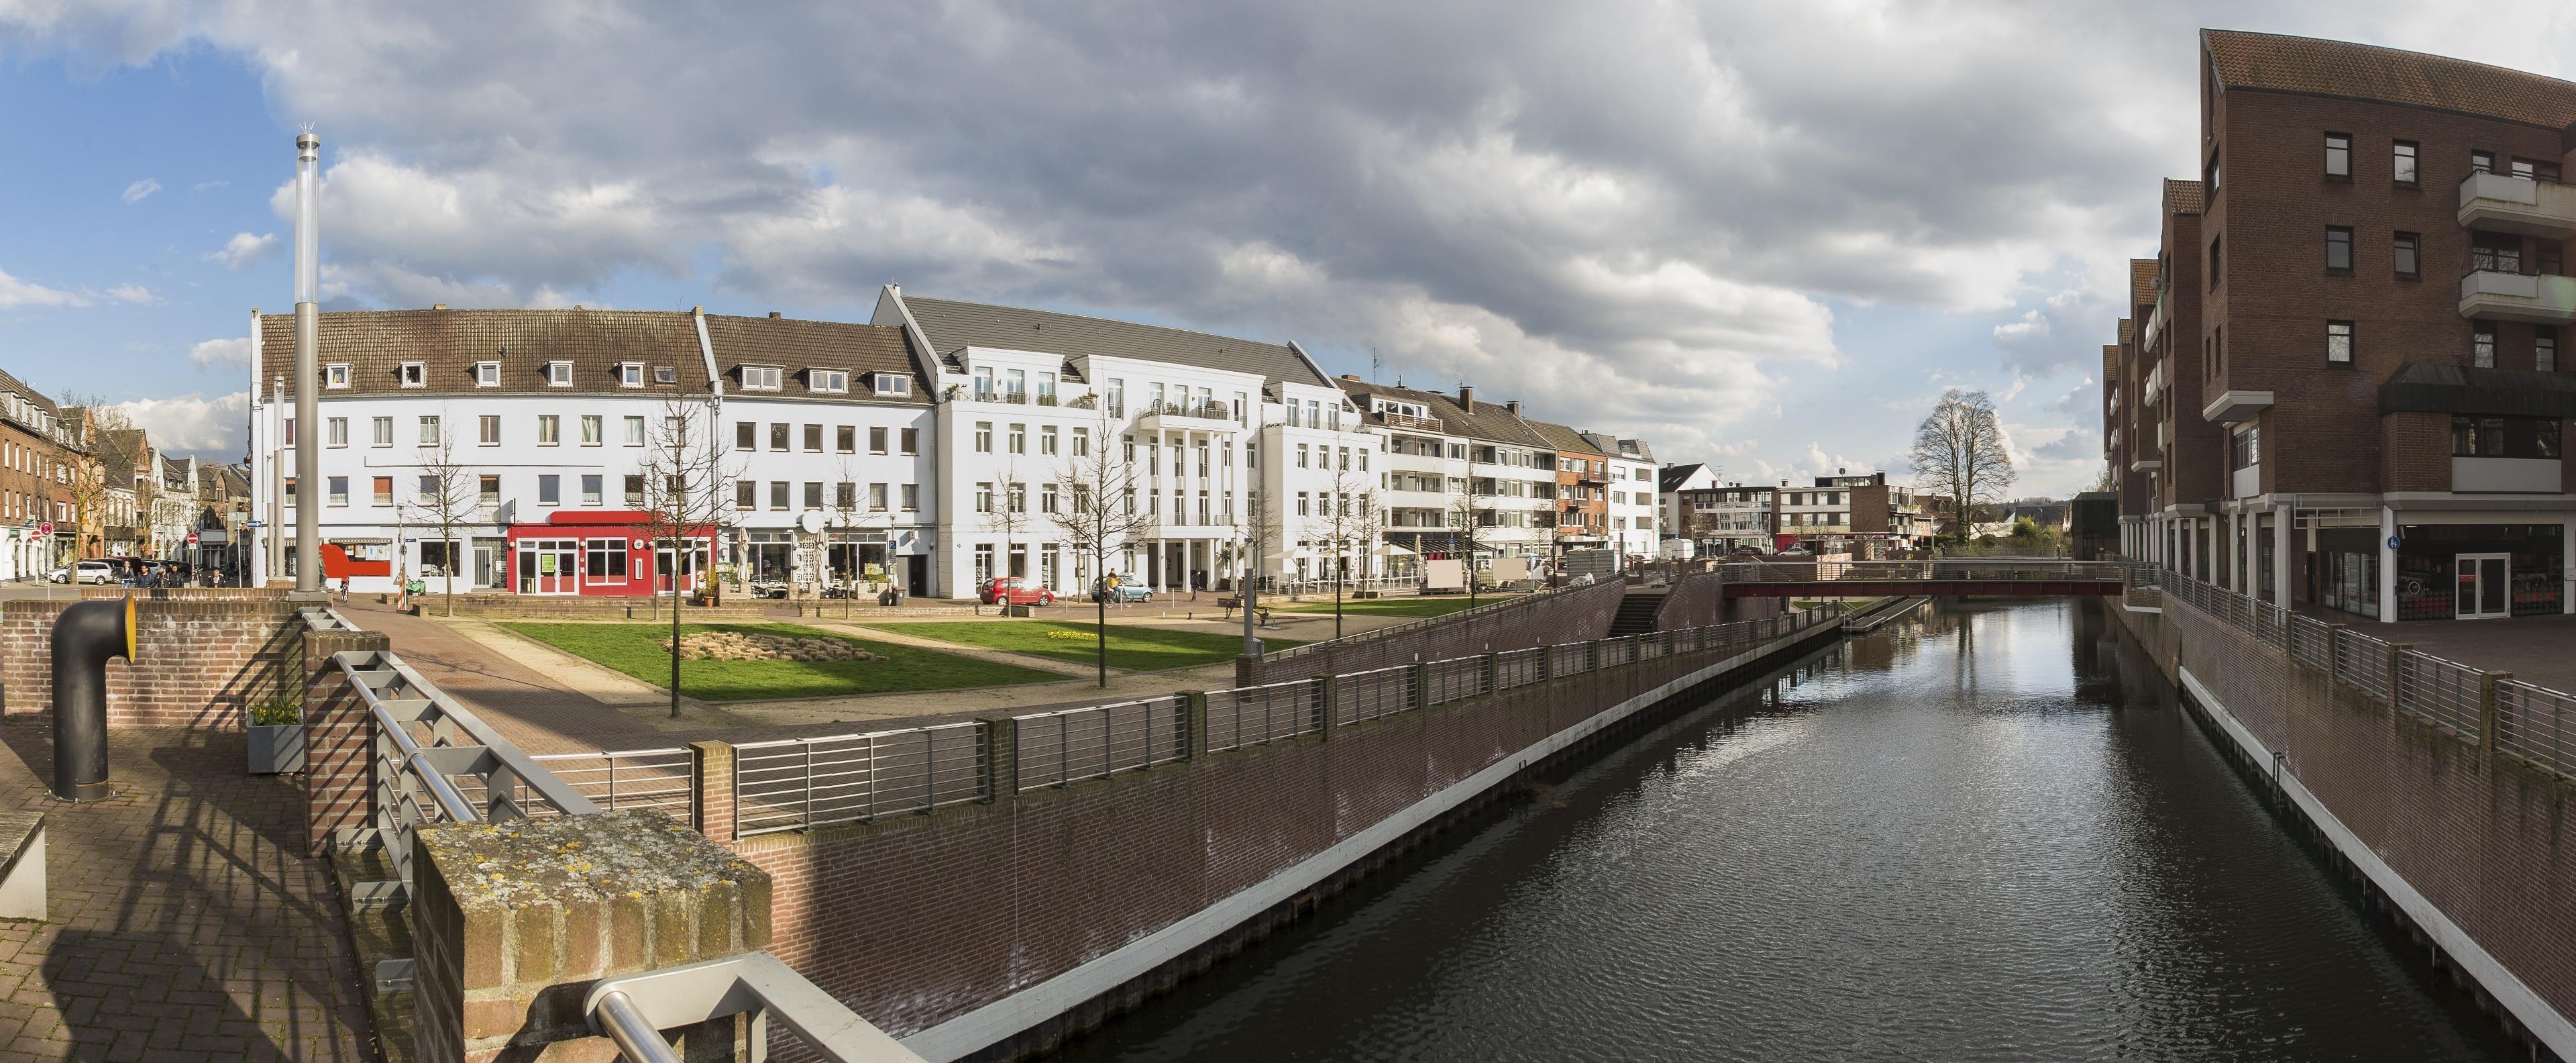 Landkreis Kleve, Nordrhein-Westfalen, Deutschland